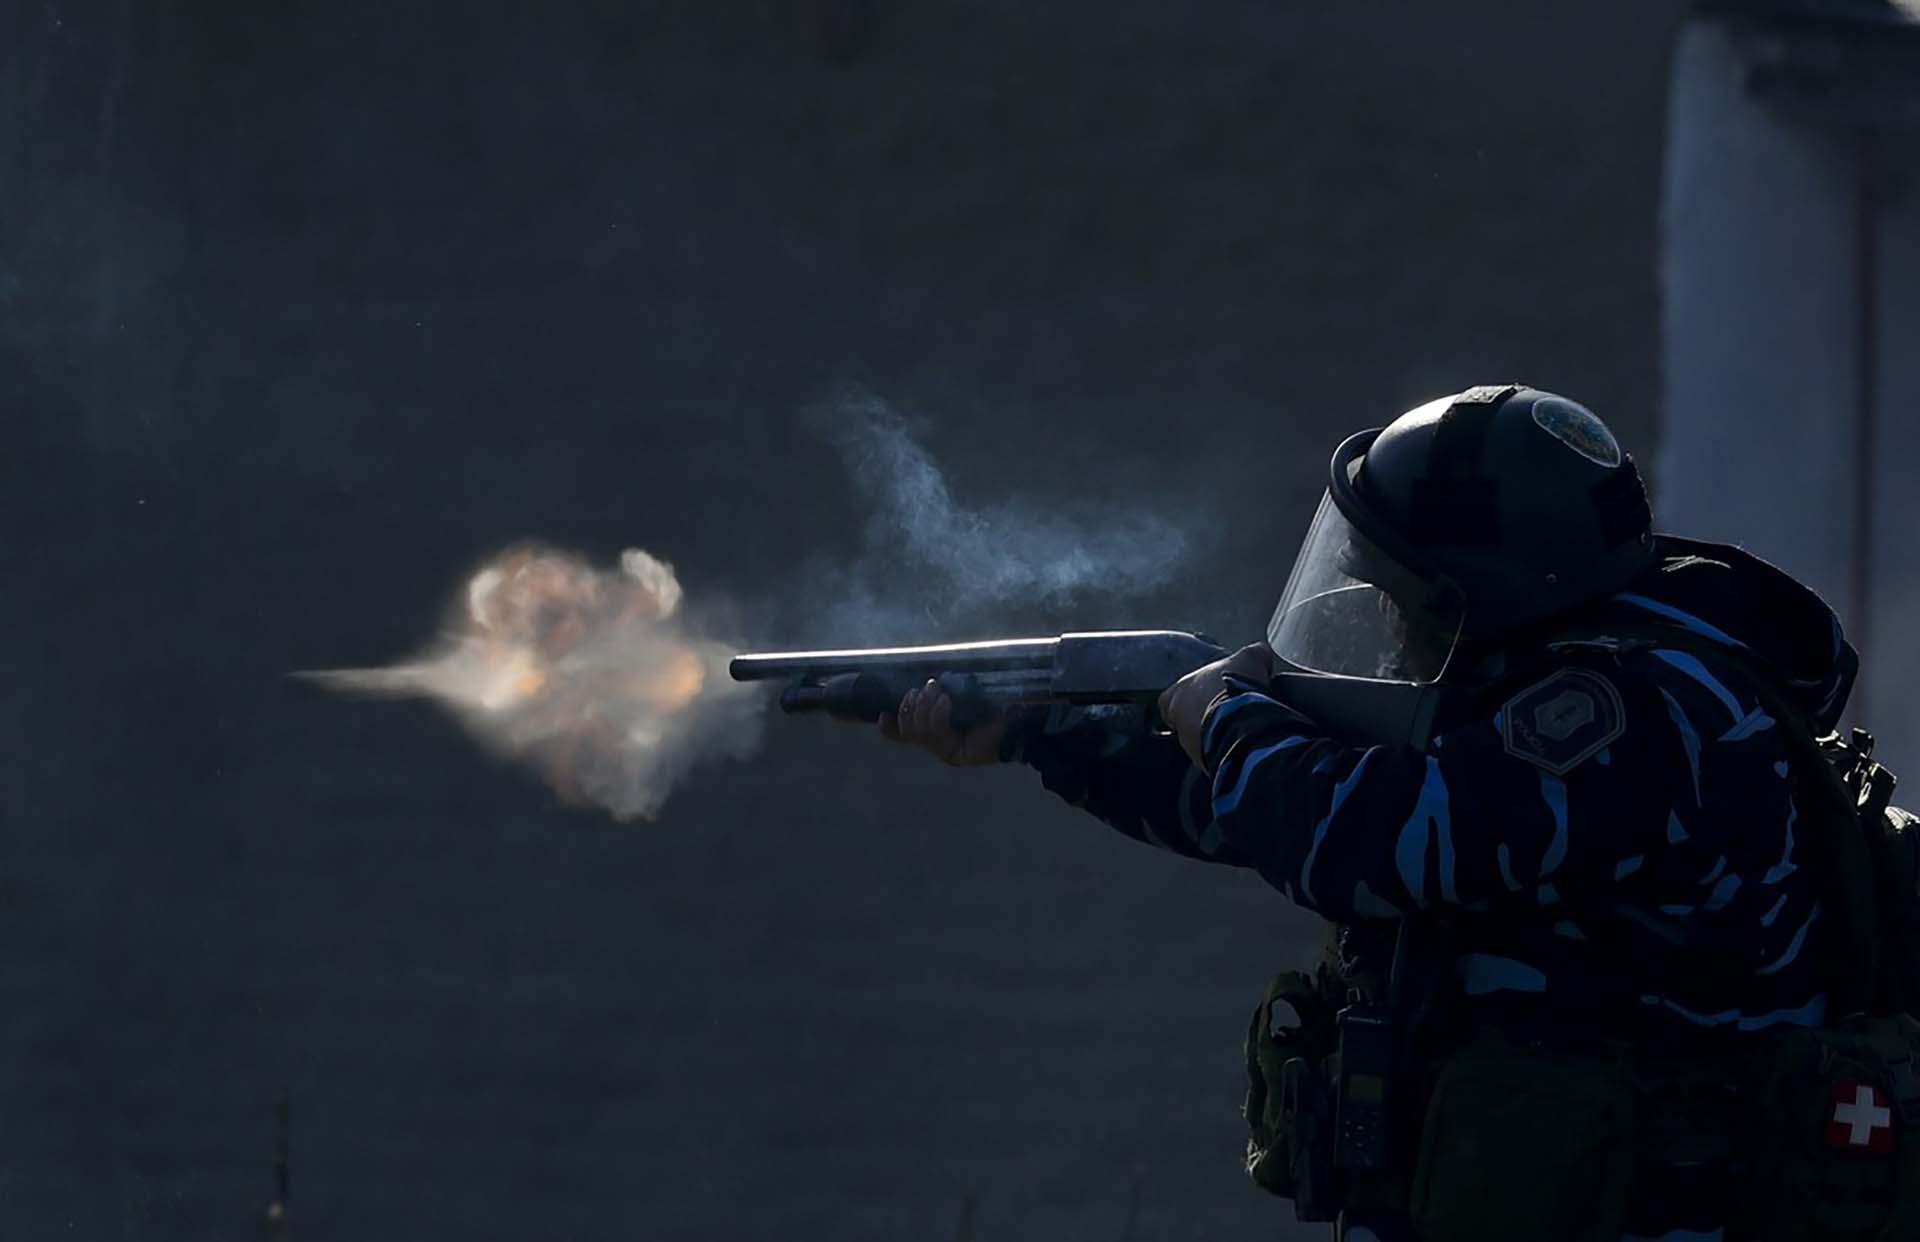 Guernica, otro tema de 2020. Un oficial de policía apunta con su arma, mientras las fuerzas de seguridad disparan gases lacrimógenos y balas de goma, durante enfrentamientos con personas luego de que la policía desmantelara un campamento de ocupantes ilegales y desalojara a las personas que vivieron allí casi tres meses, entre julio y octubre